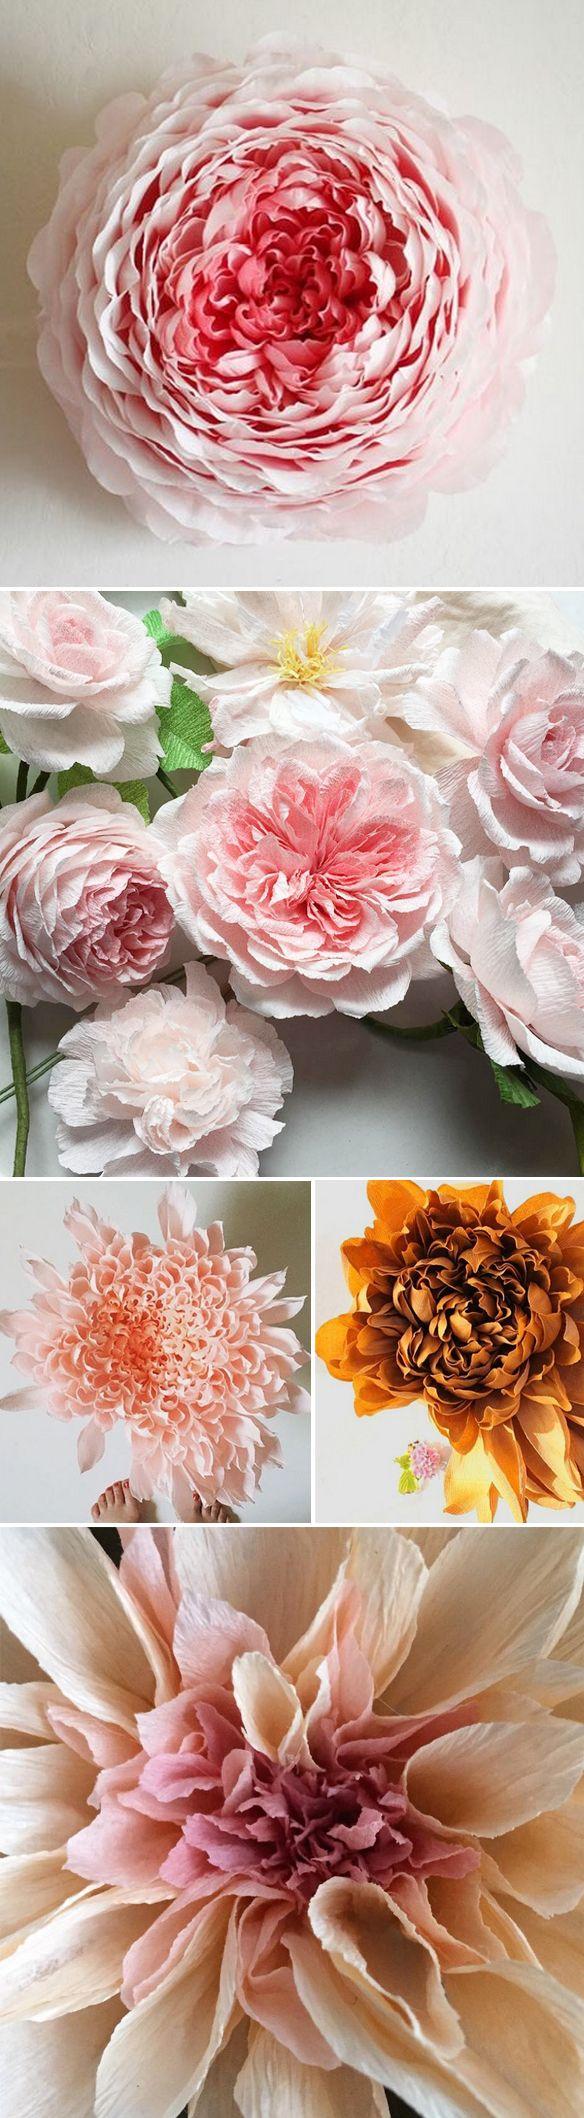 paper flowers by tiffanie turner <3